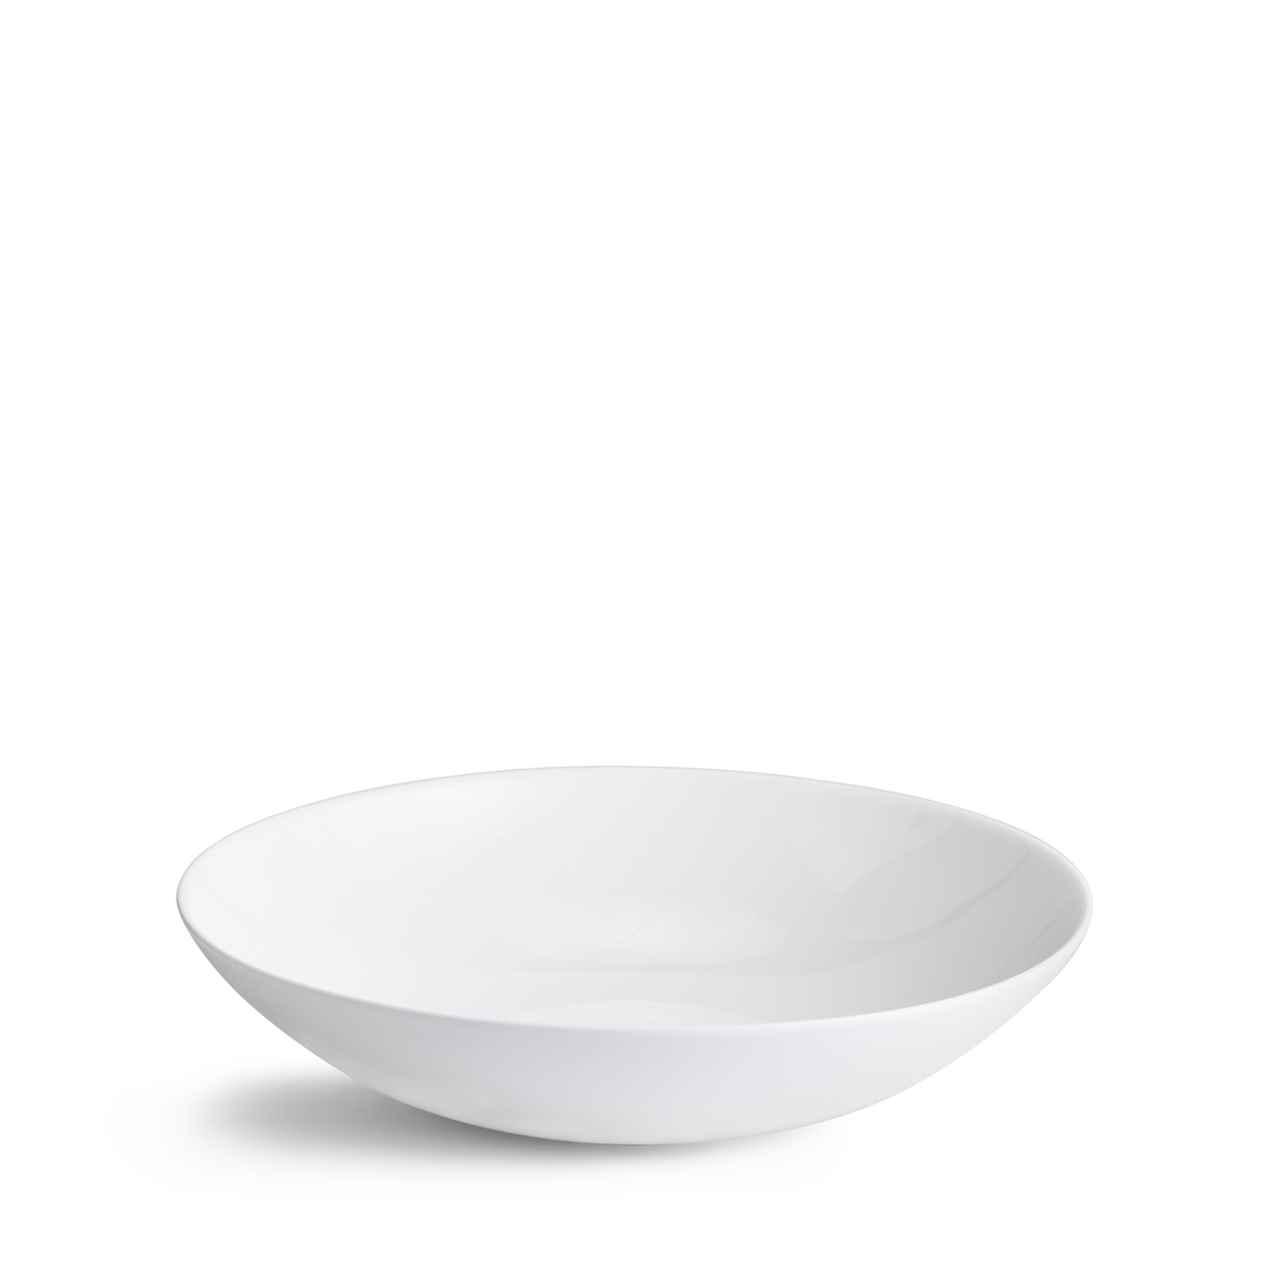 Jasper Conran White Pasta Bowl 25cm